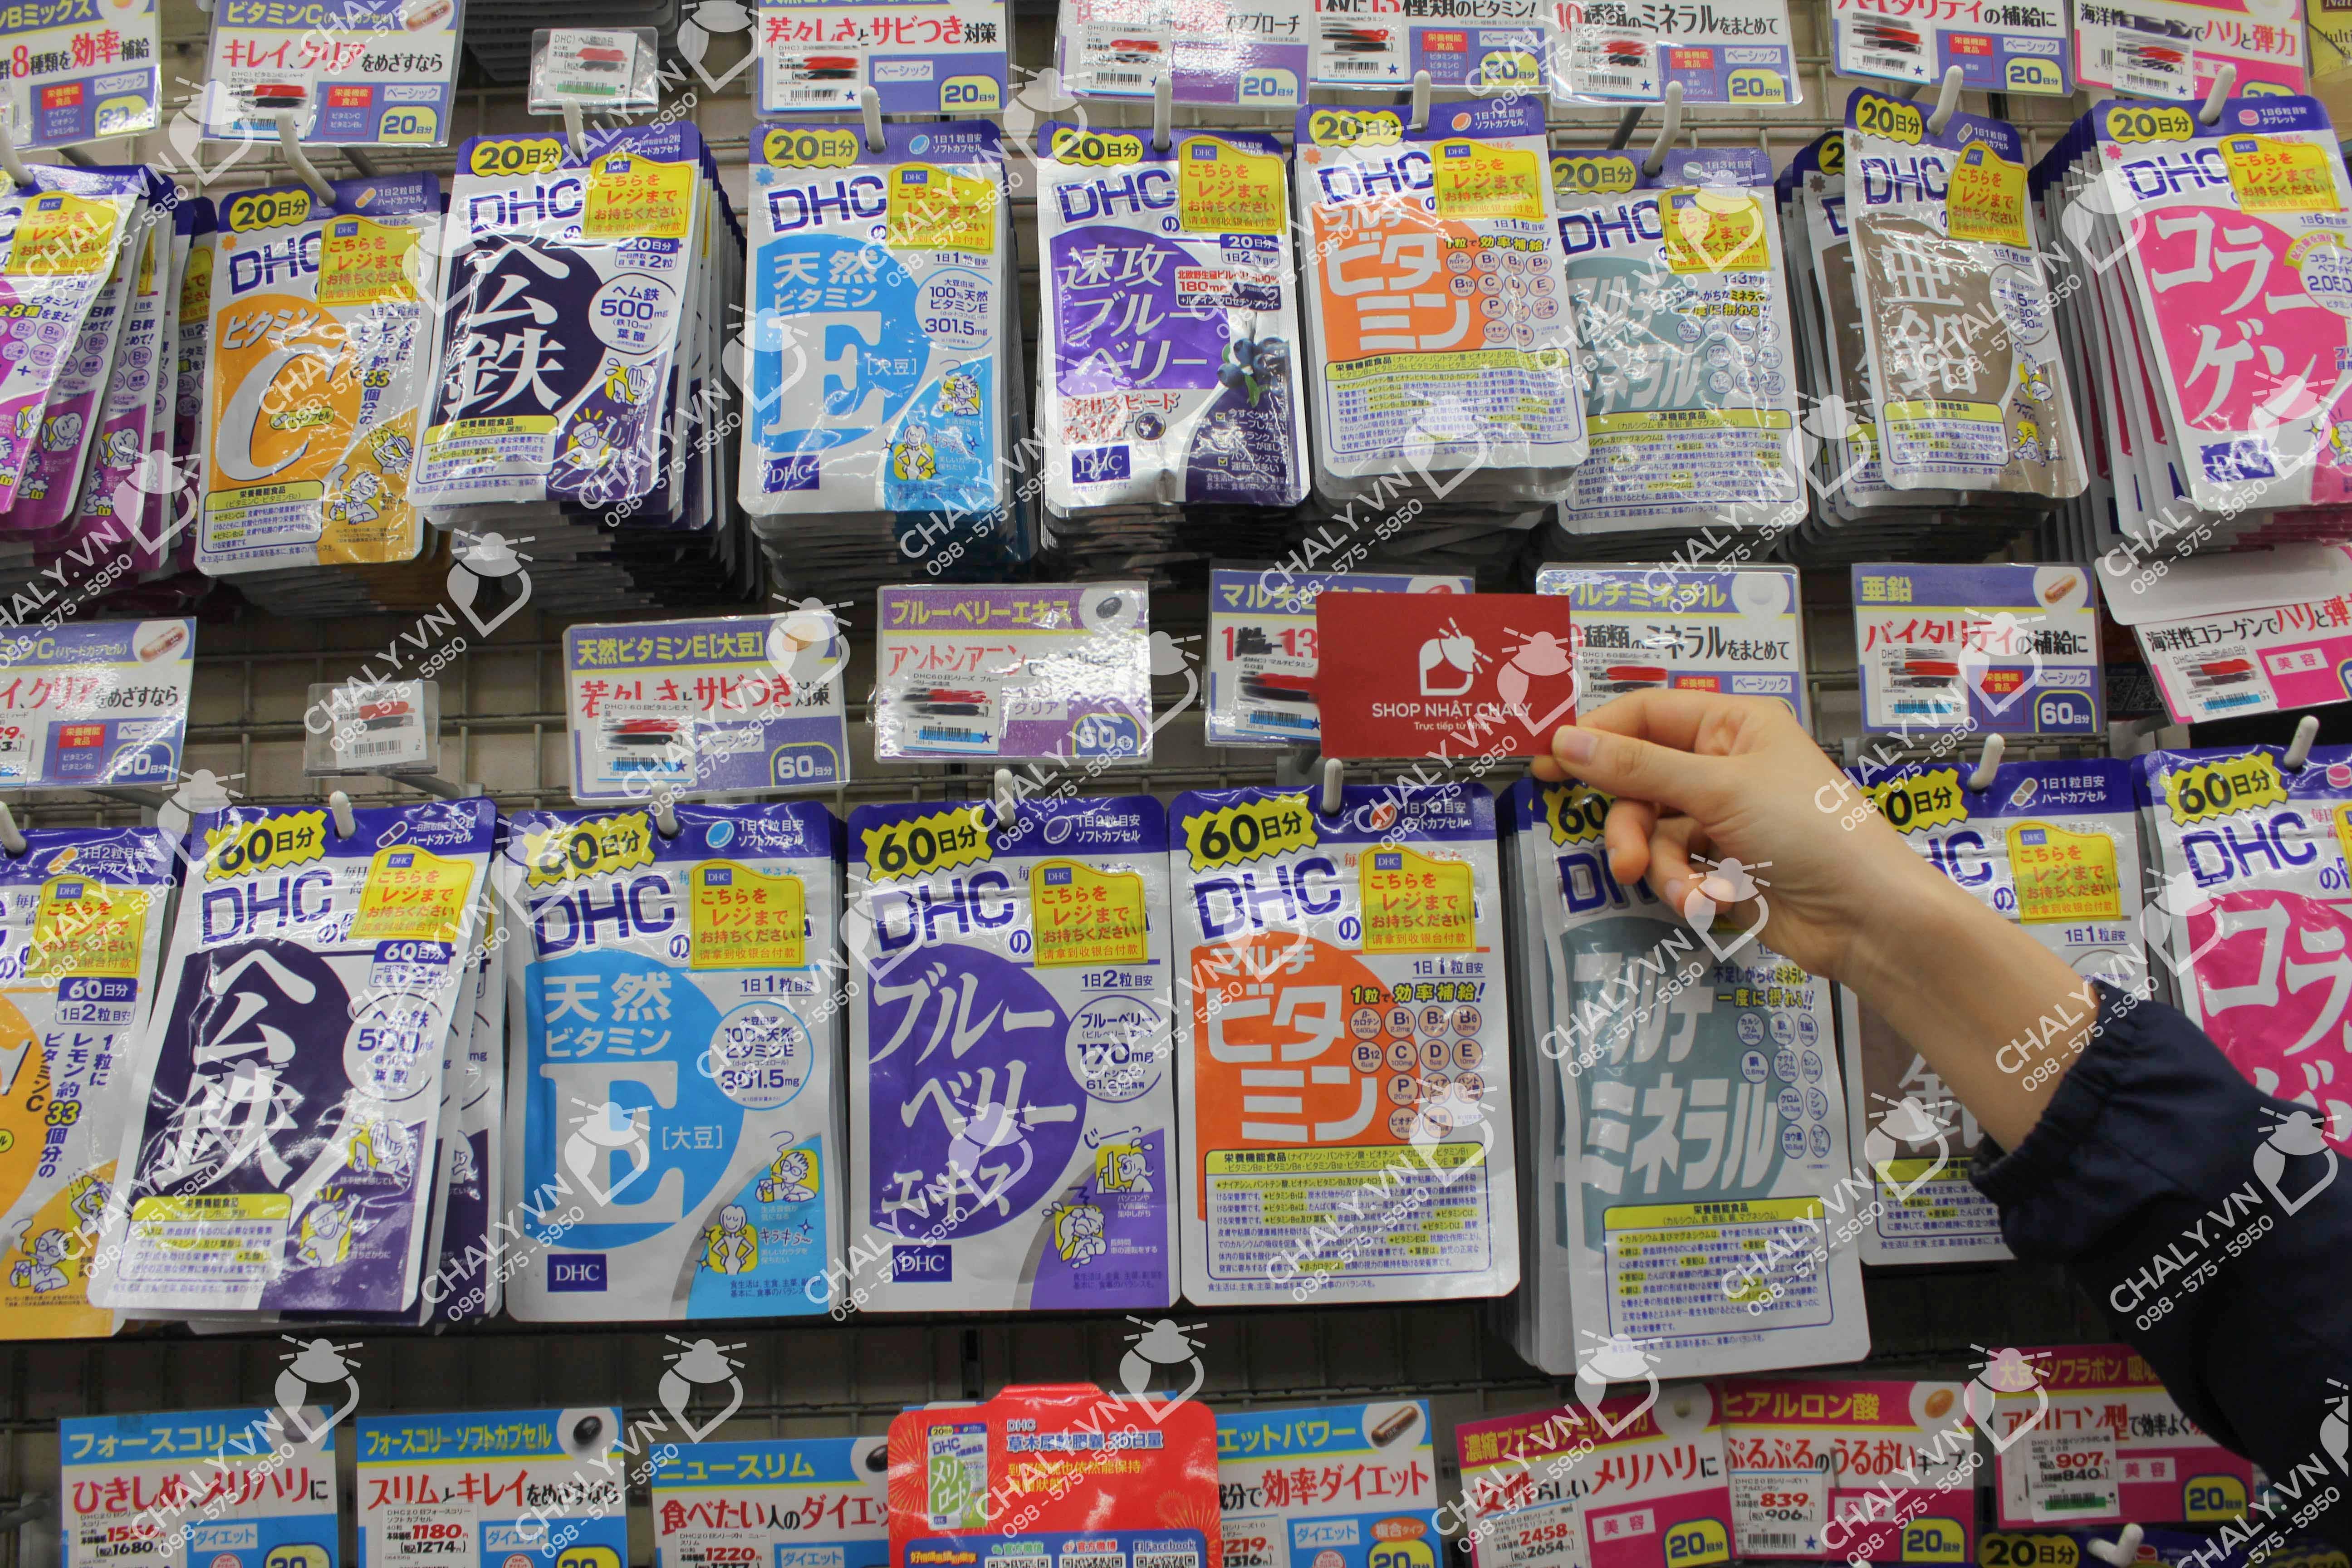 Vitamin E loại nào tốt nhất? Hiện tại các viên uống của DHC được review rất cao không chỉ tại Nhật mà trên toàn châu Á. Nếu đang có ý định bổ sung vitamin E thì viên uống DHC vitamin E 60 ngày đáng để bạn quan tâm